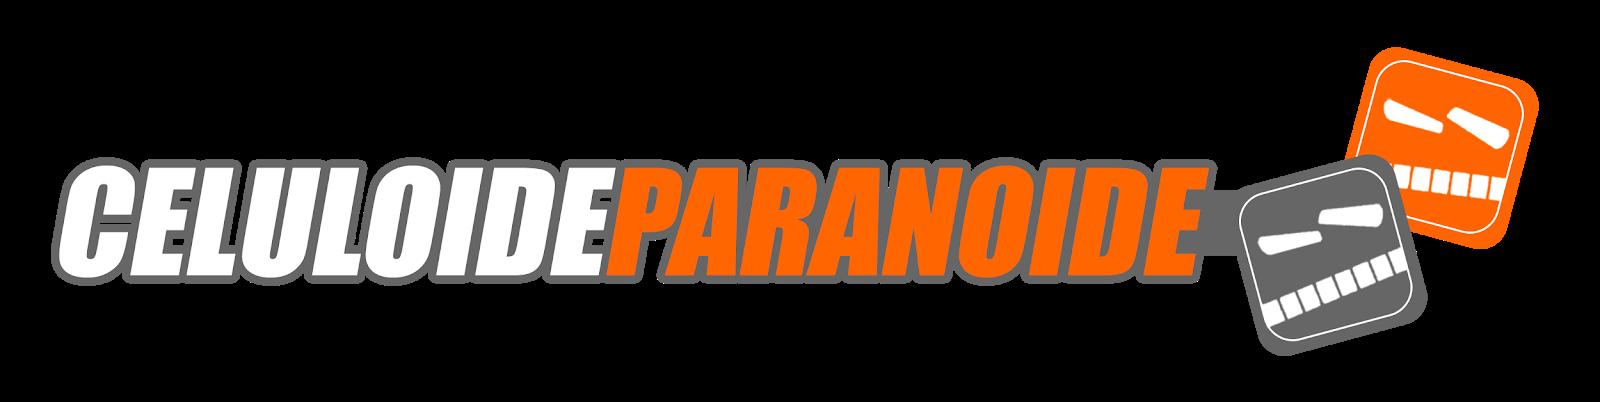 Celuloide Paranoide